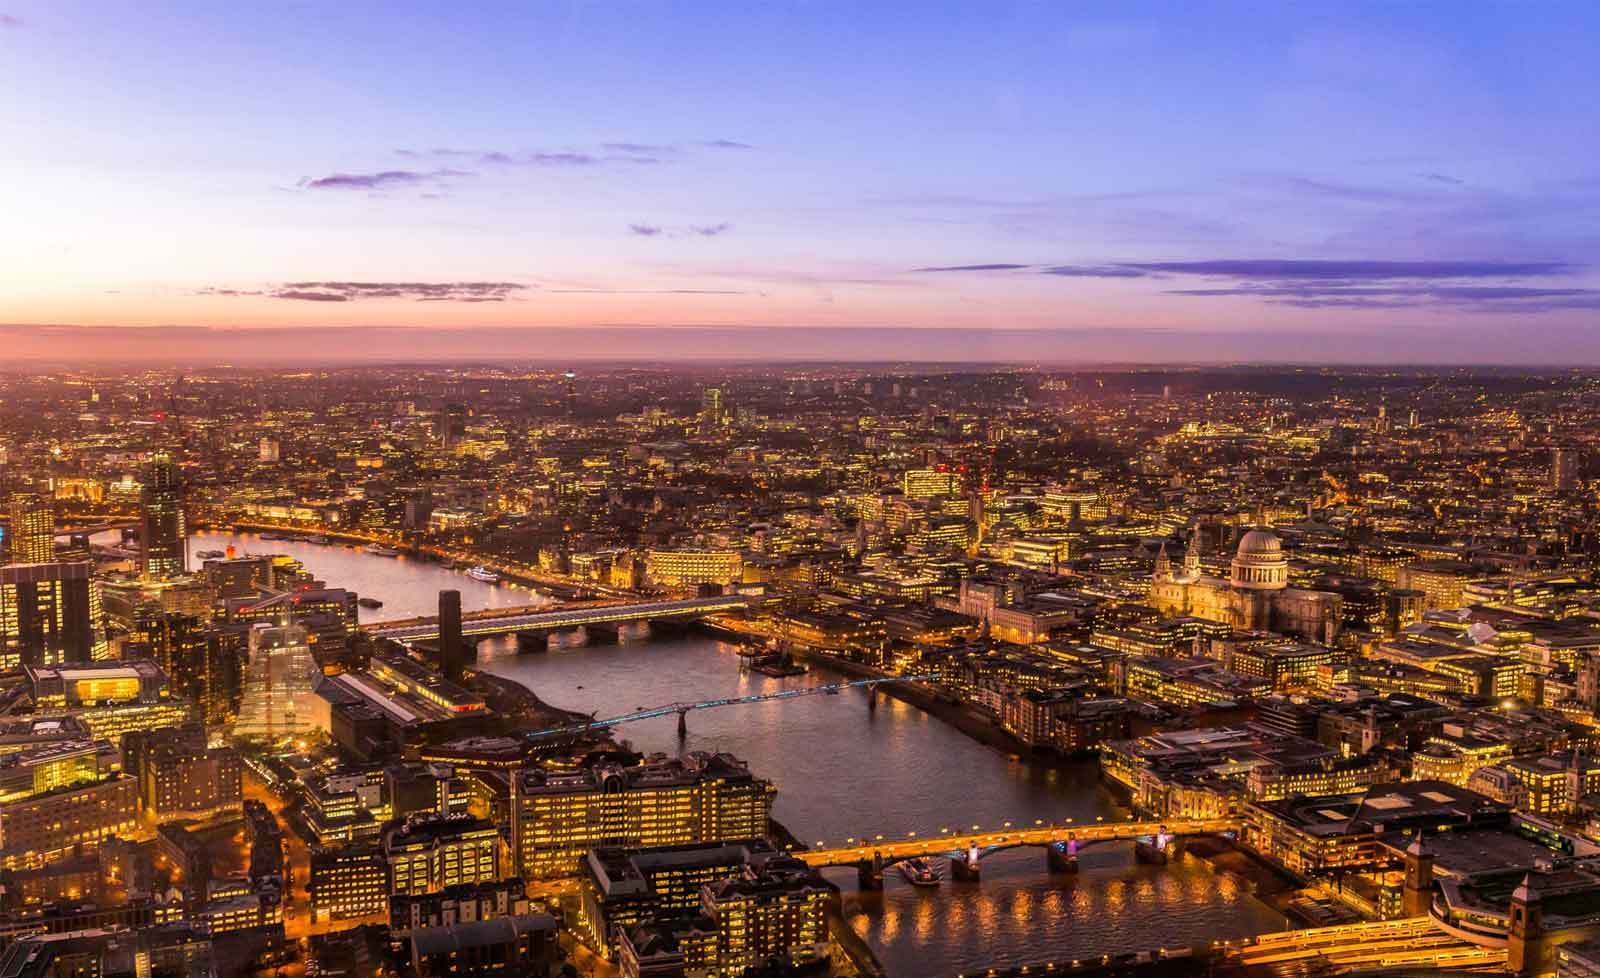 FOTOTAPETE VLIES FOTOMURAL XXL London England Metropole Europa (JD-1011WS)